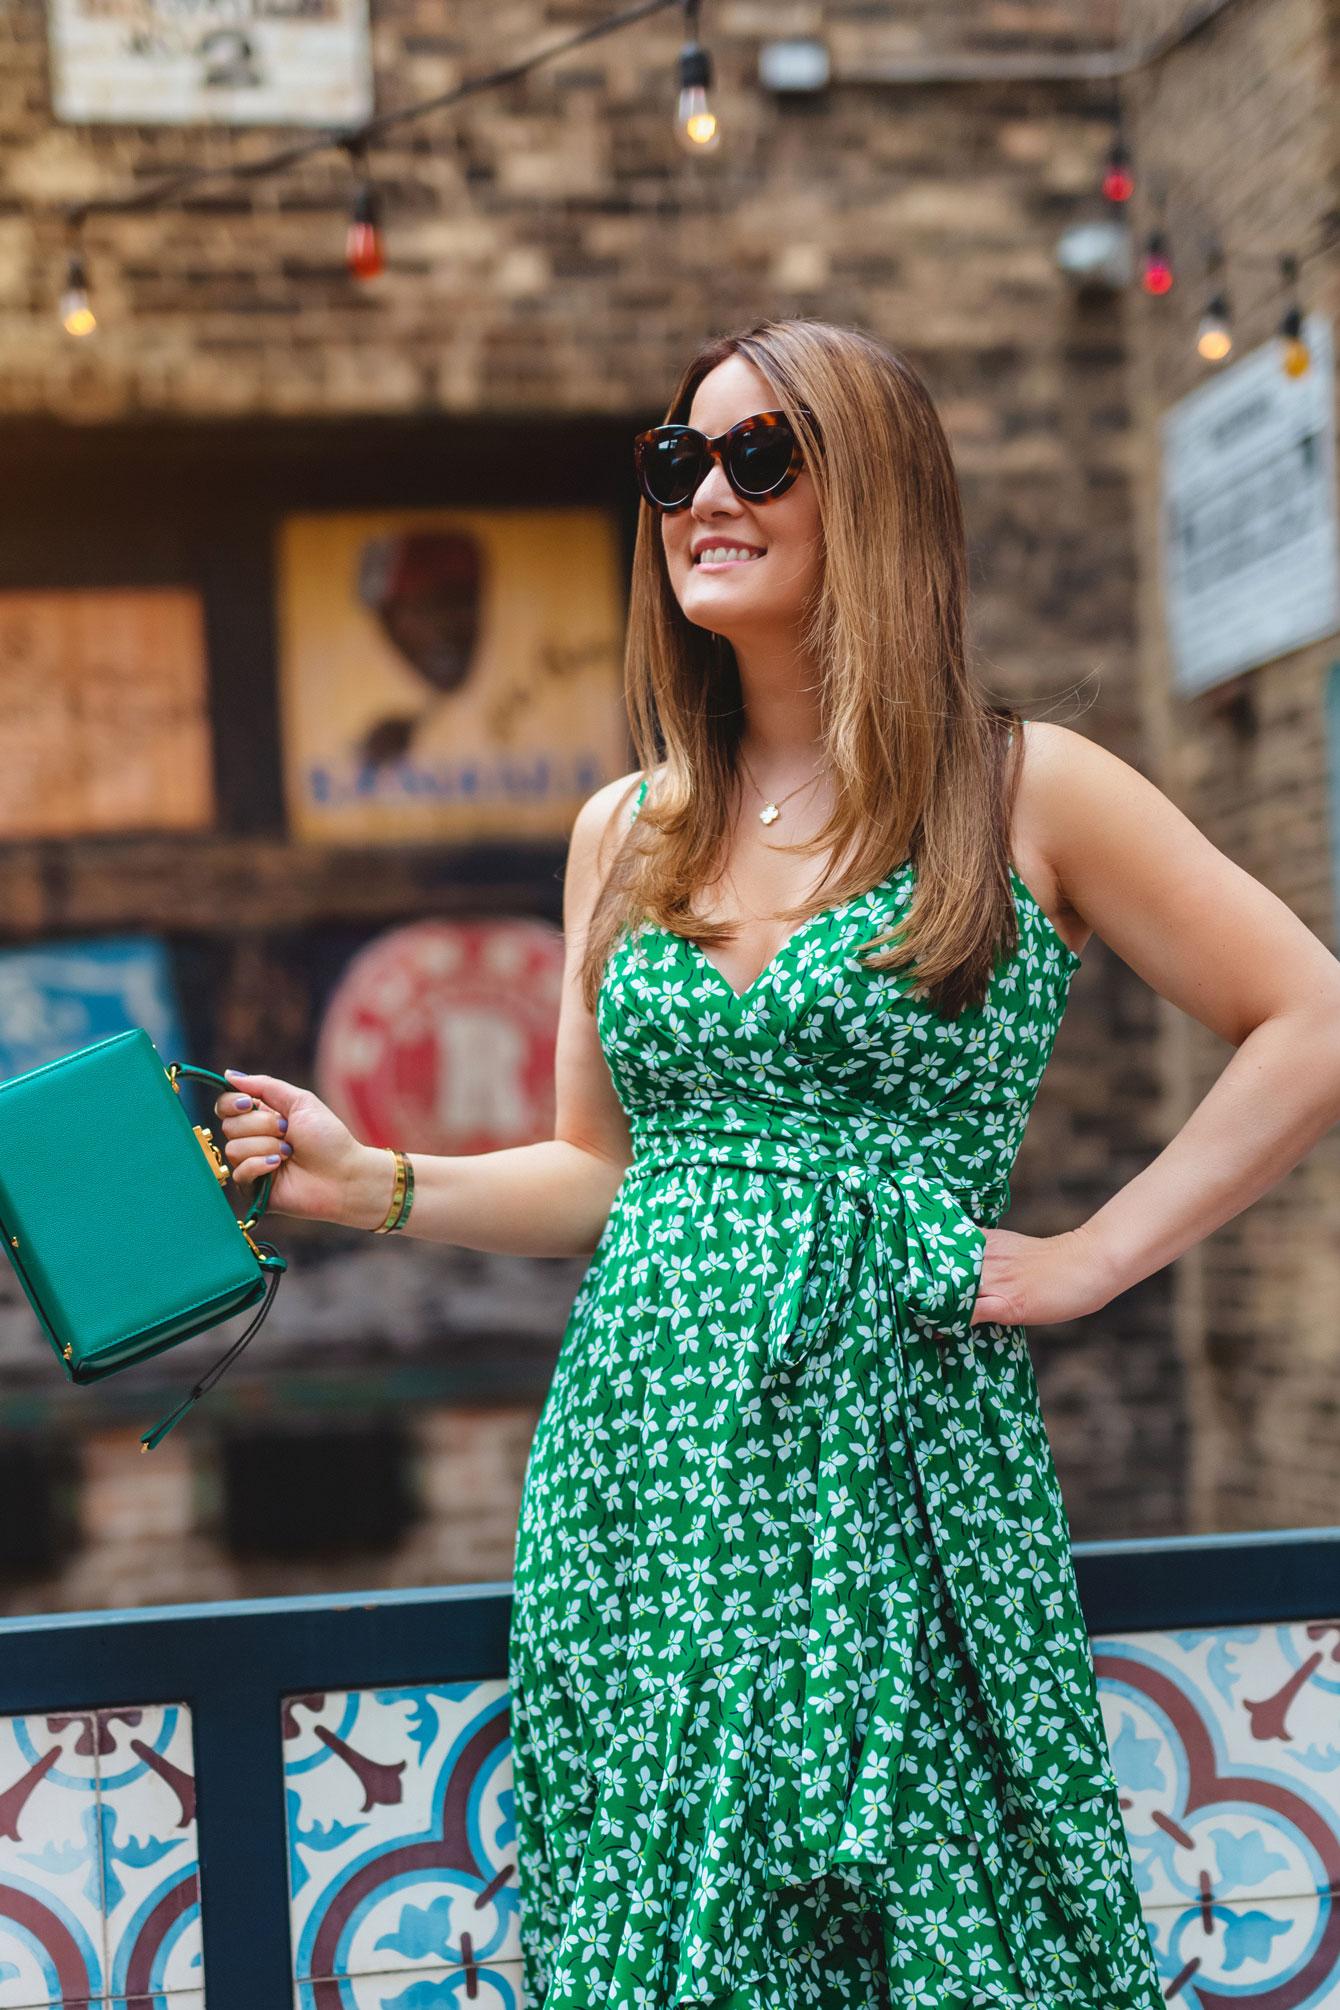 Jennifer Lake Green Floral Dress